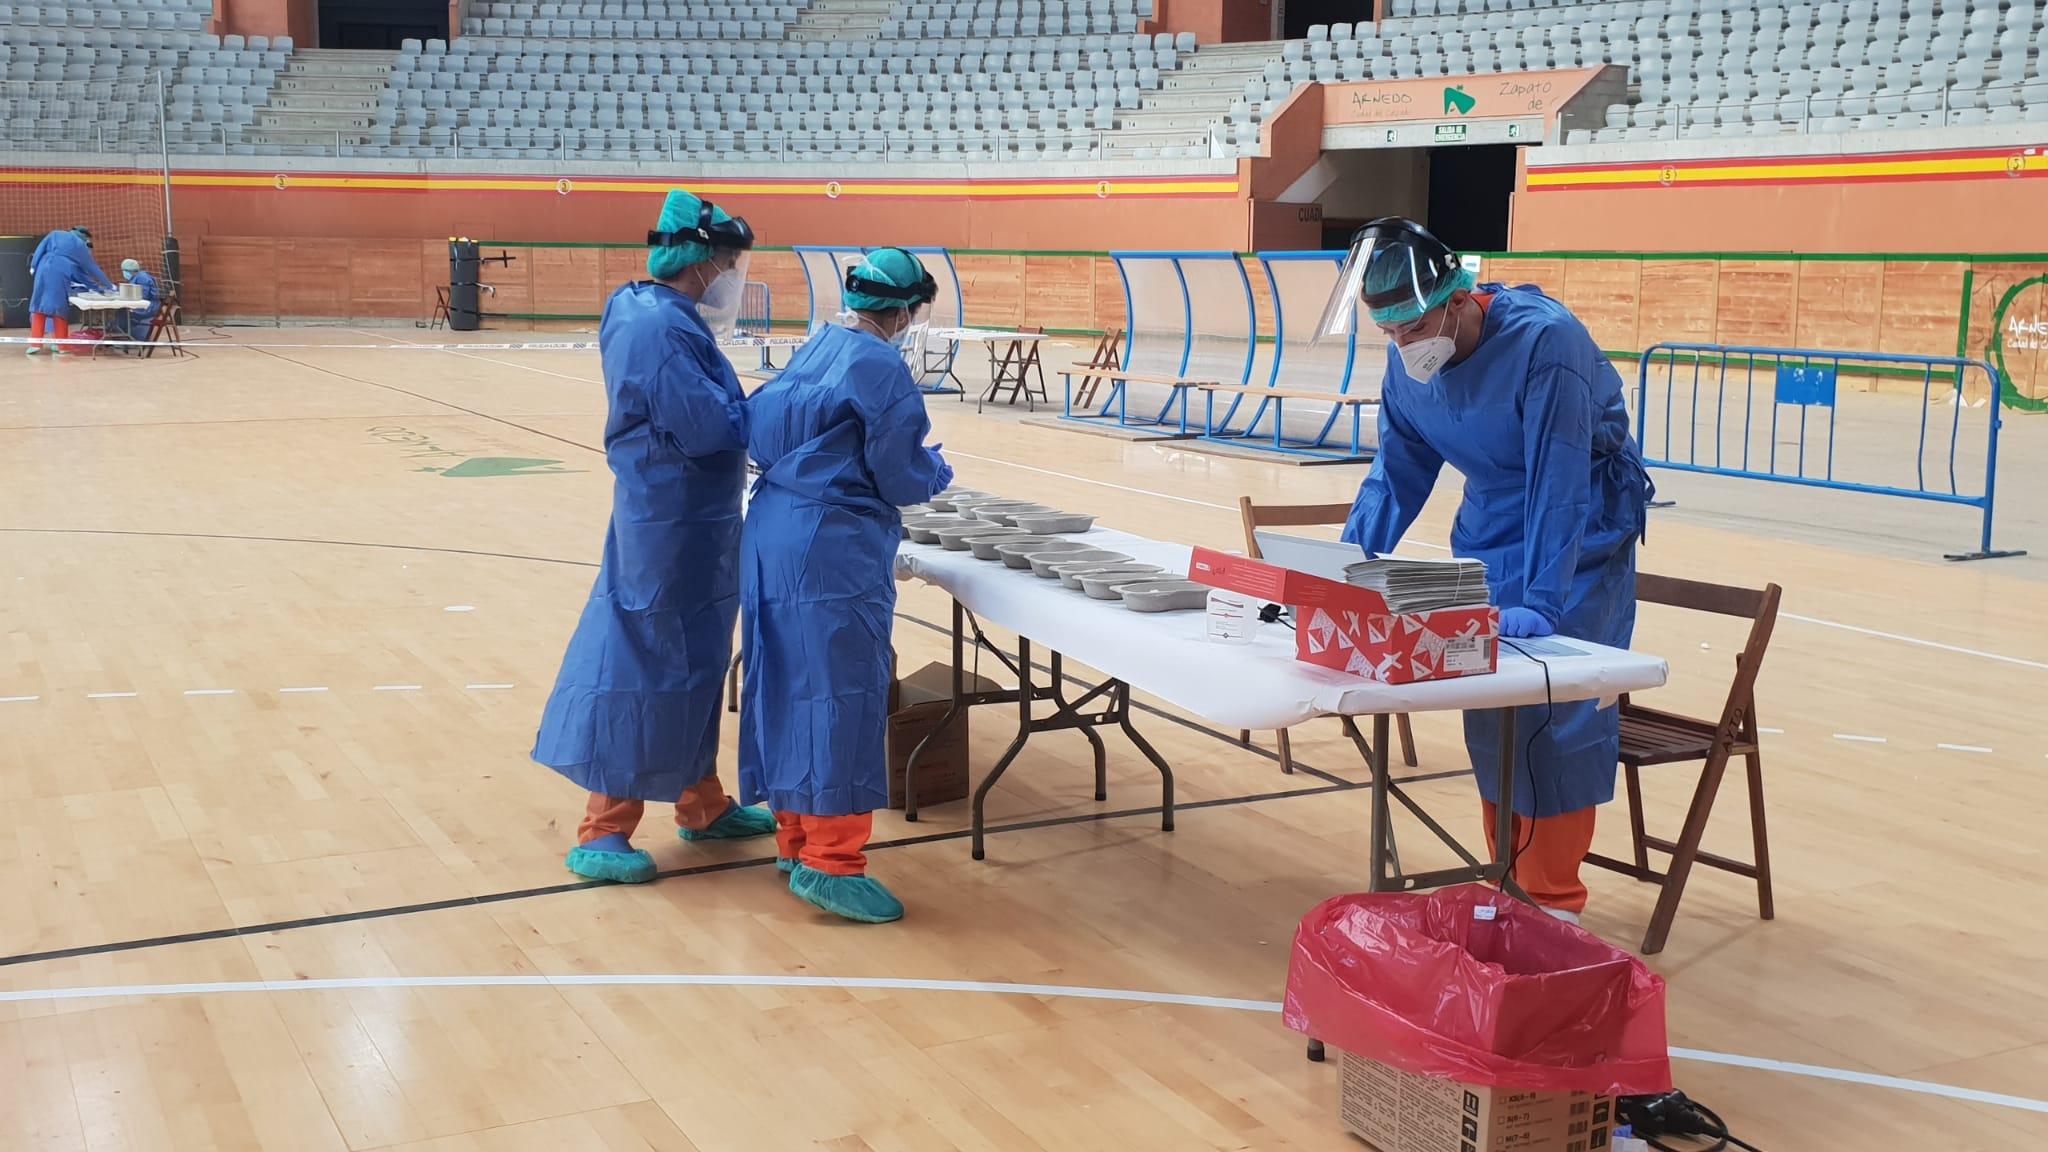 Siguen bajando los casos activos en La Rioja Baja, un día más